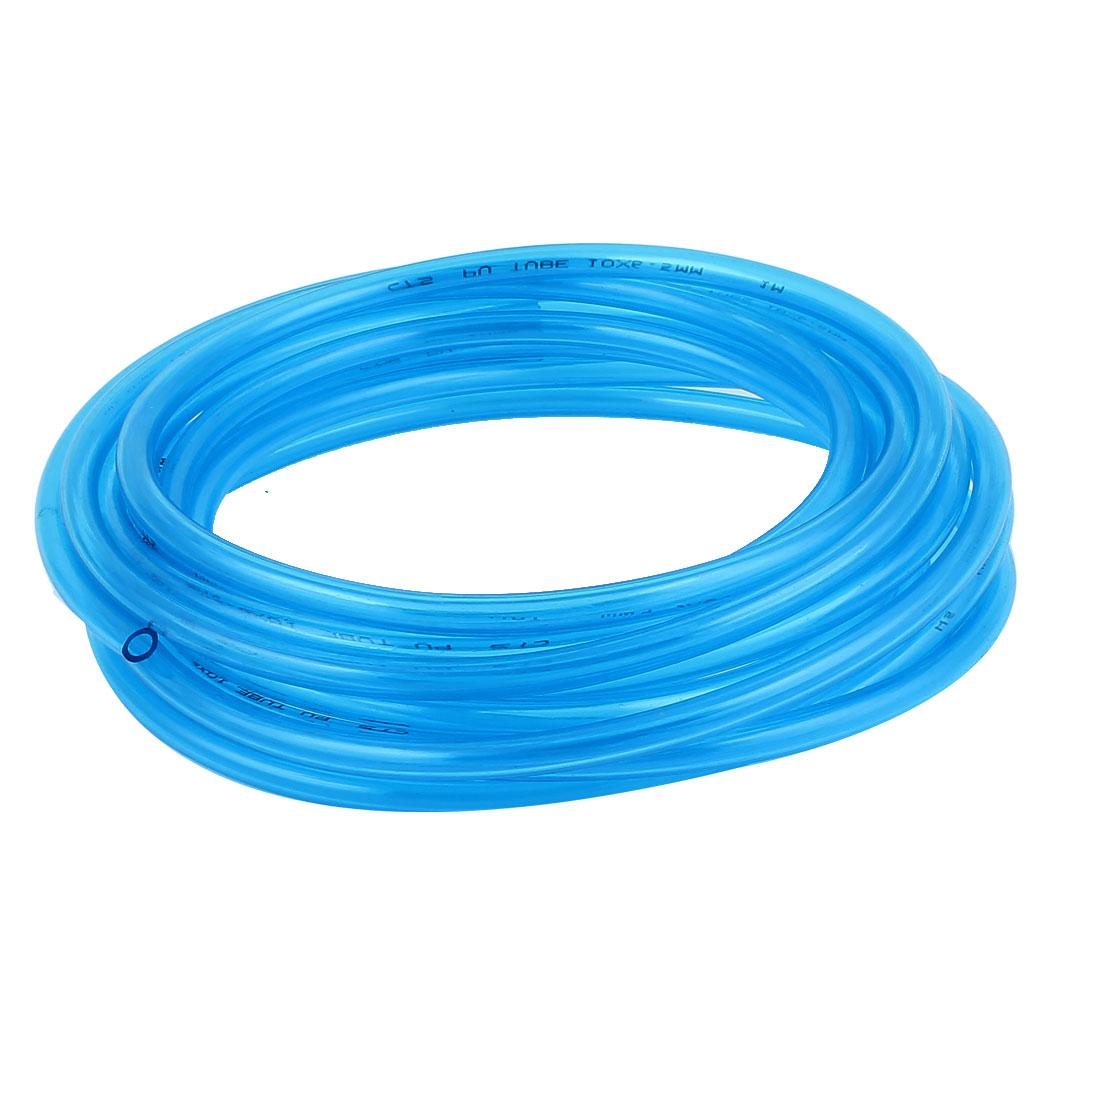 7m 11*7MM Polyurethane Tube PU Air Compressor Hose Pneumatics Plastic BBLU